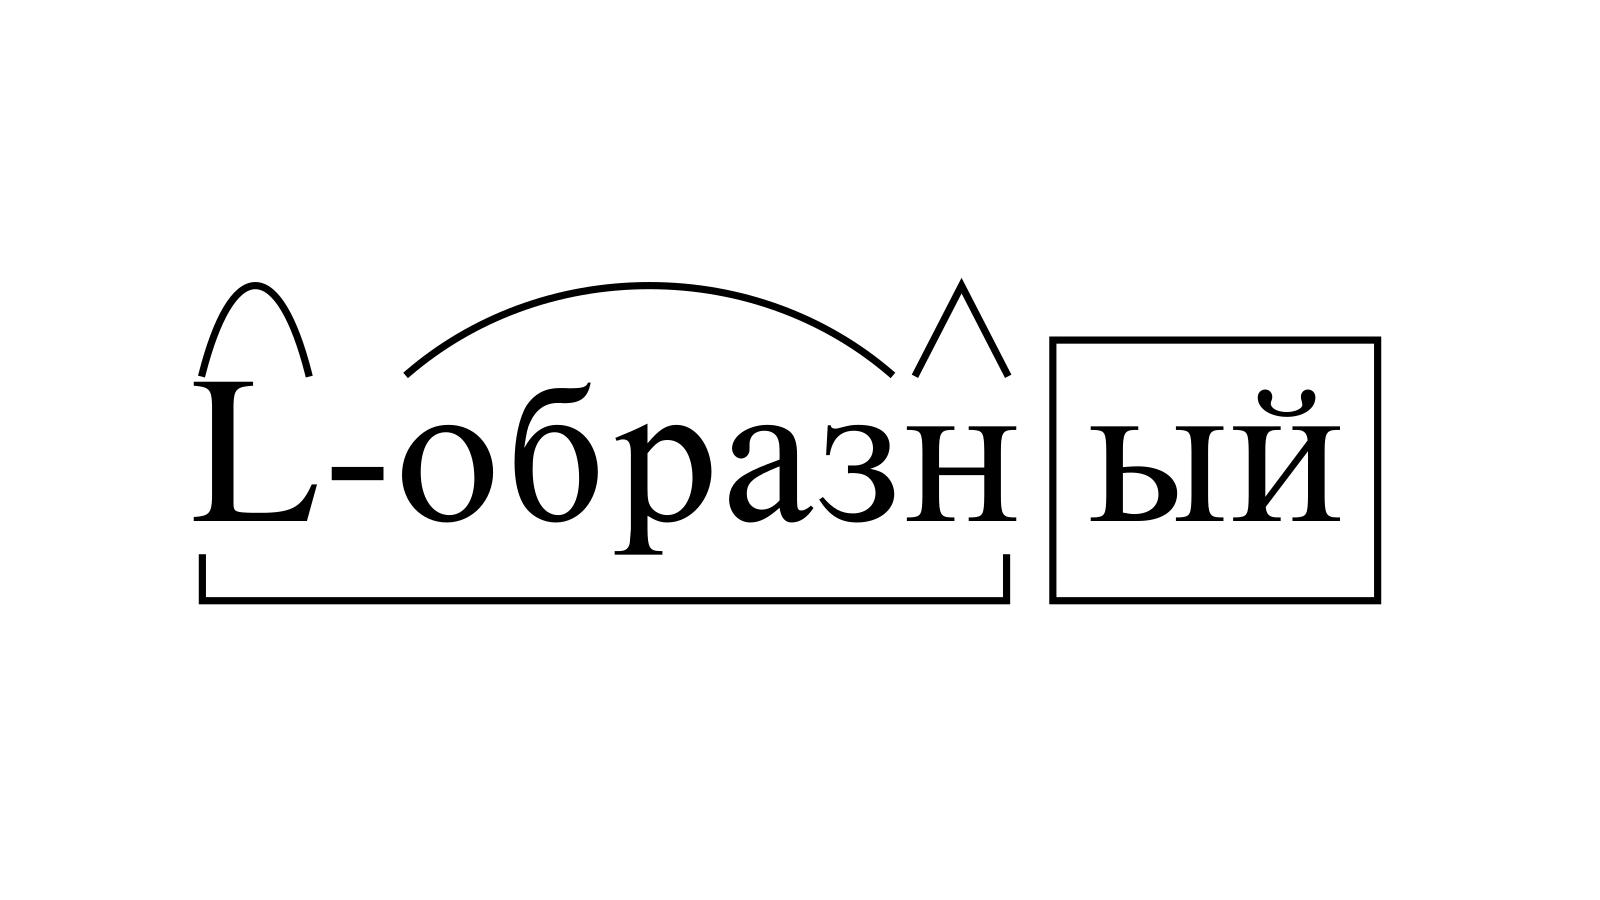 Разбор слова «L-образный» по составу